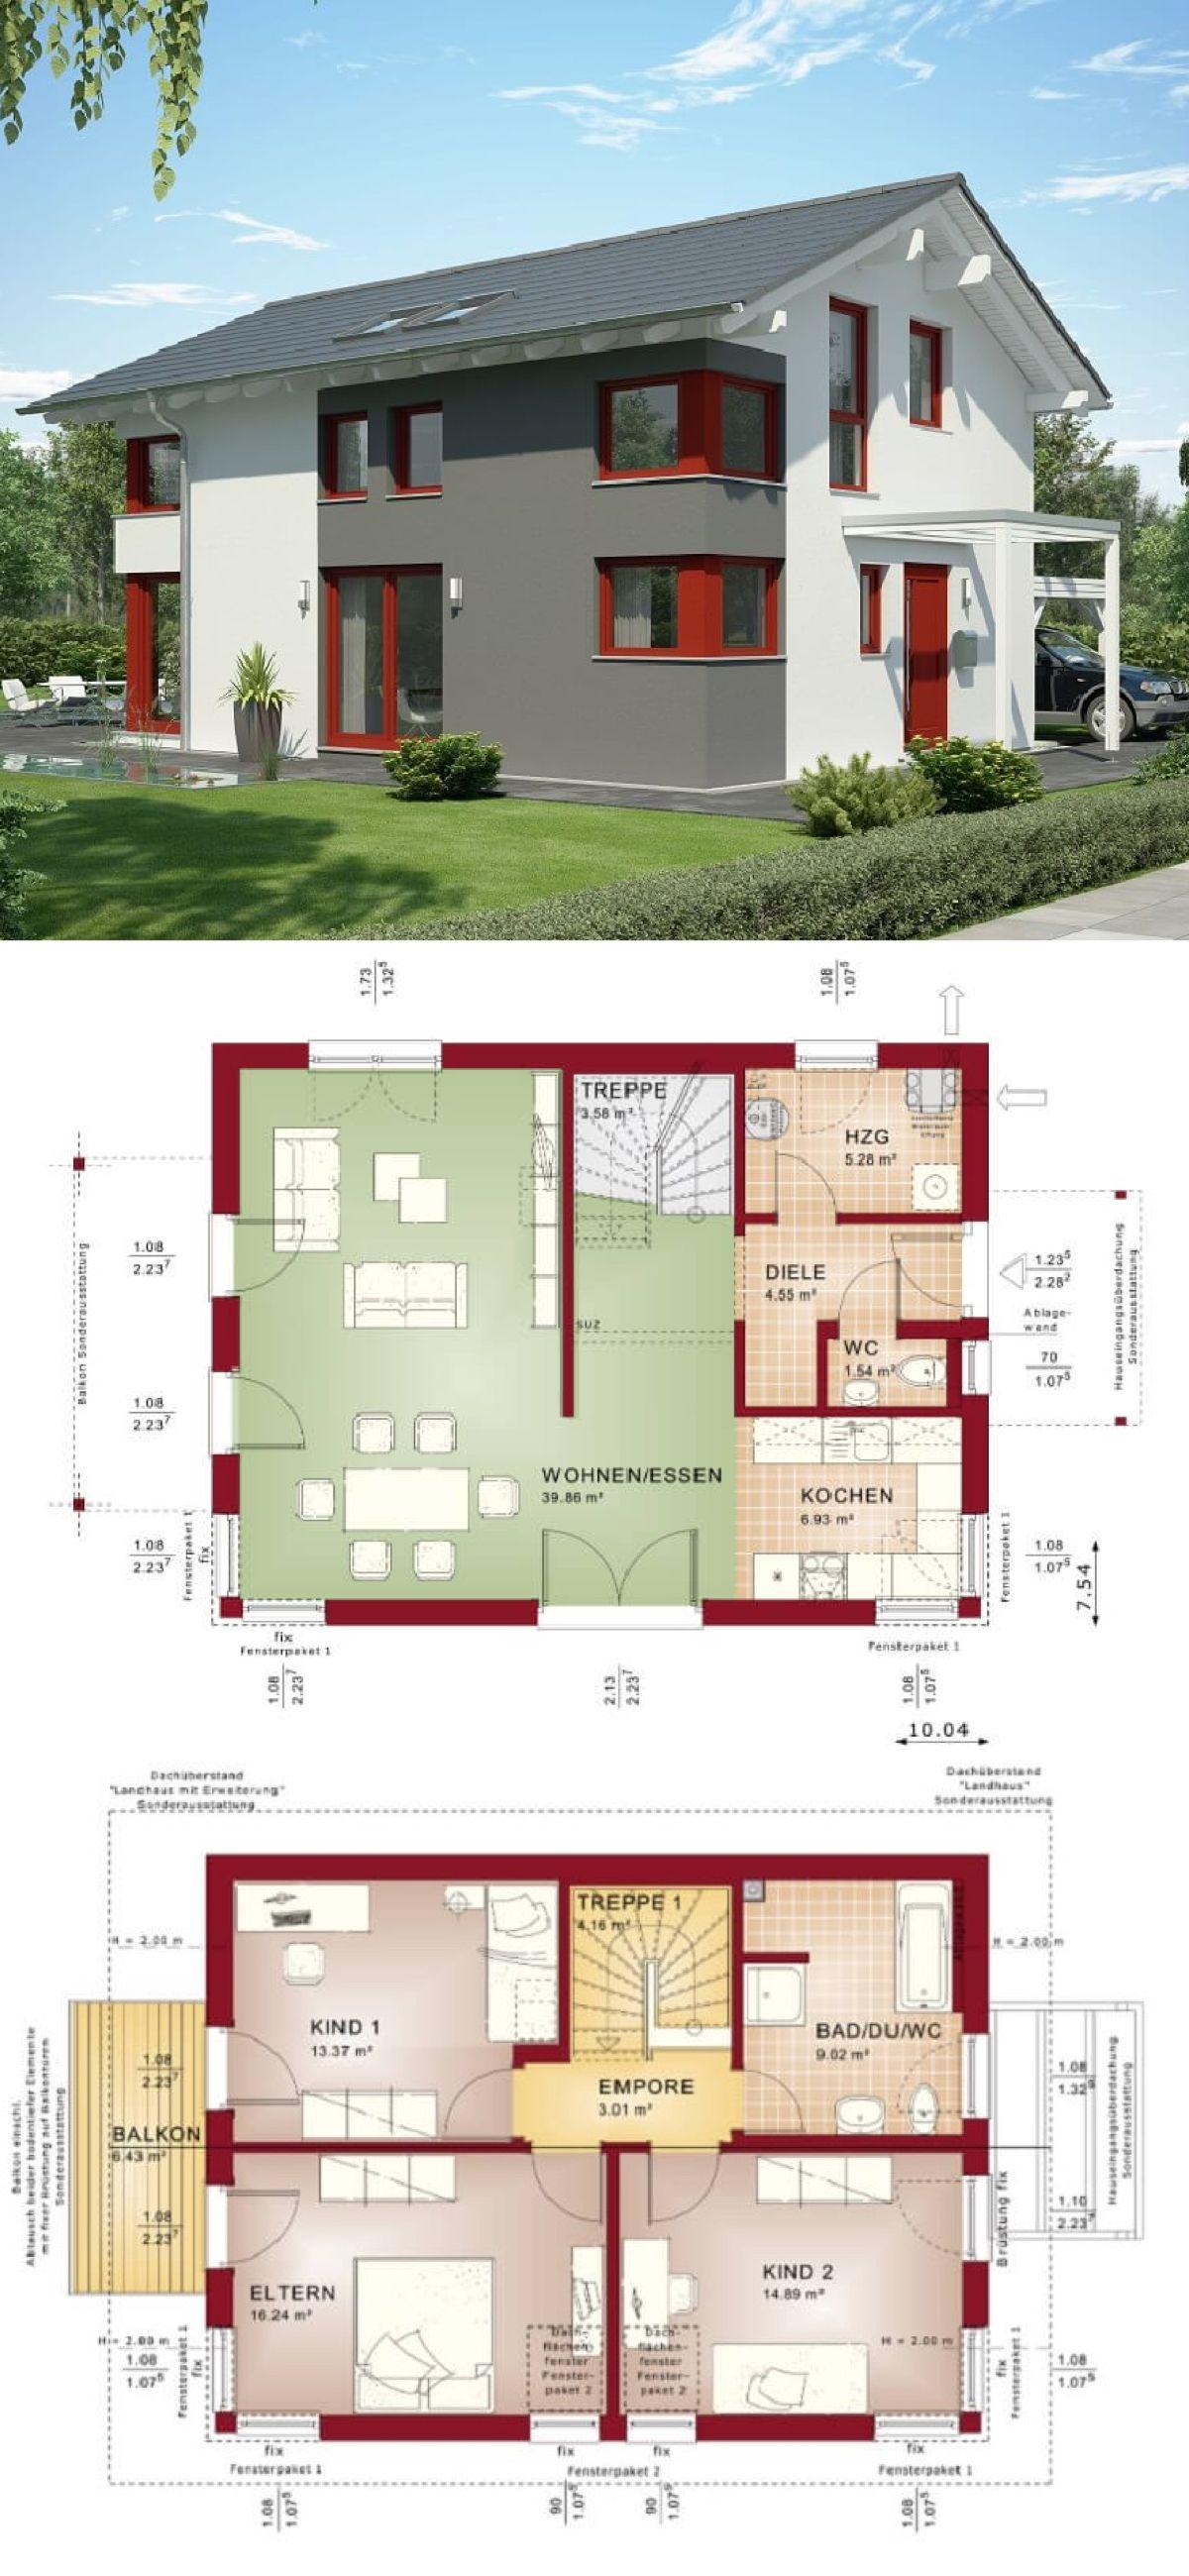 Modernes Einfamilienhaus Mit Satteldach Architektur U0026 Putz Fassade Grau,  Weiß, Rot   Haus Bauen